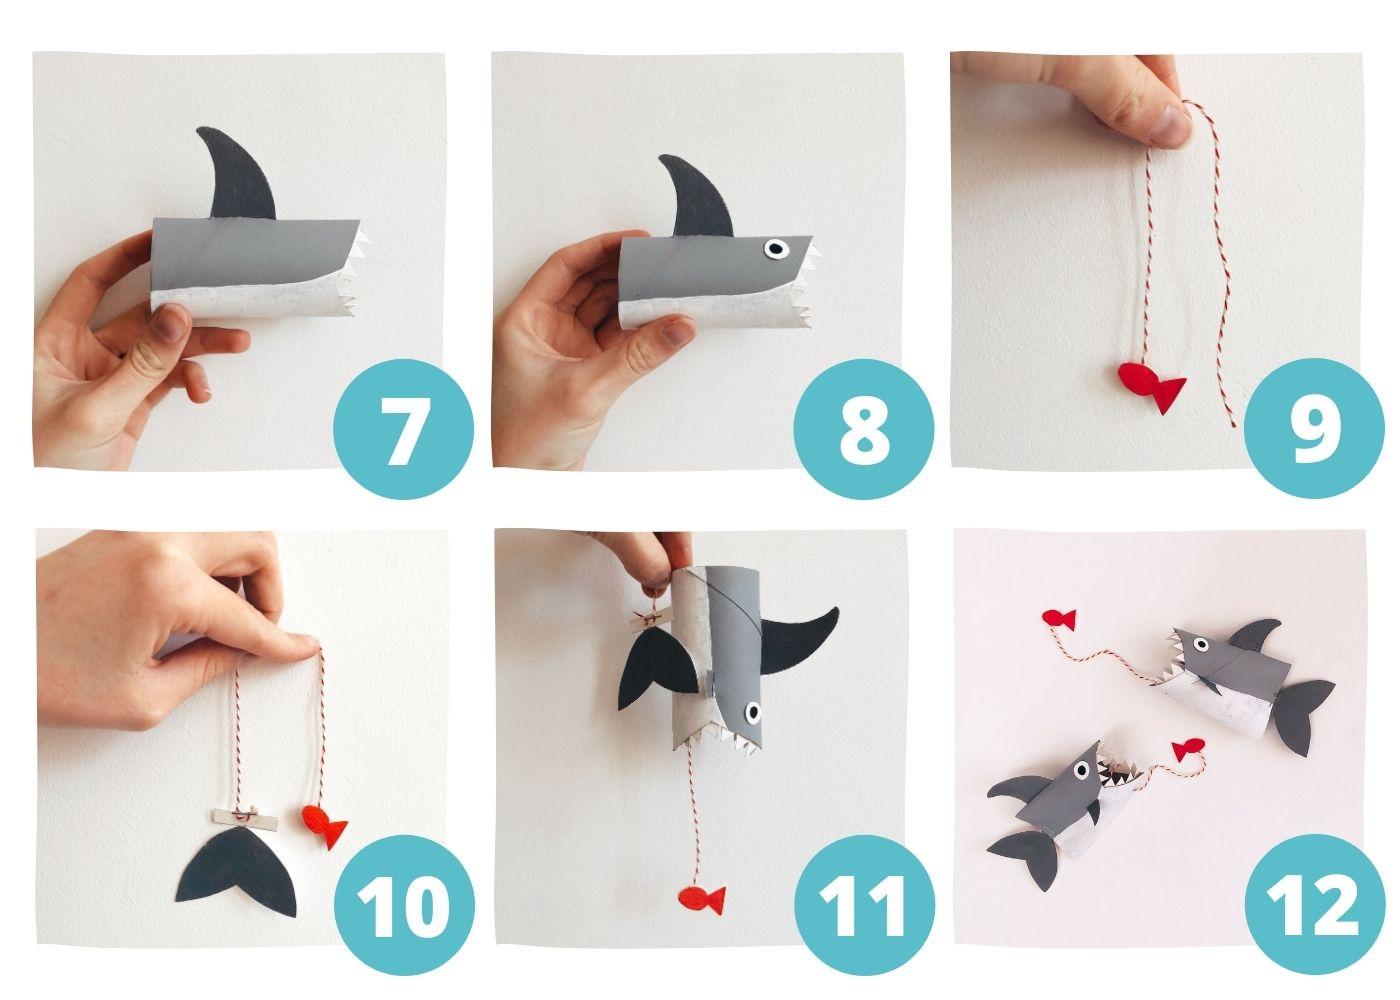 Pasos 7 - 12 del tiburón con rollos de papel higiénico